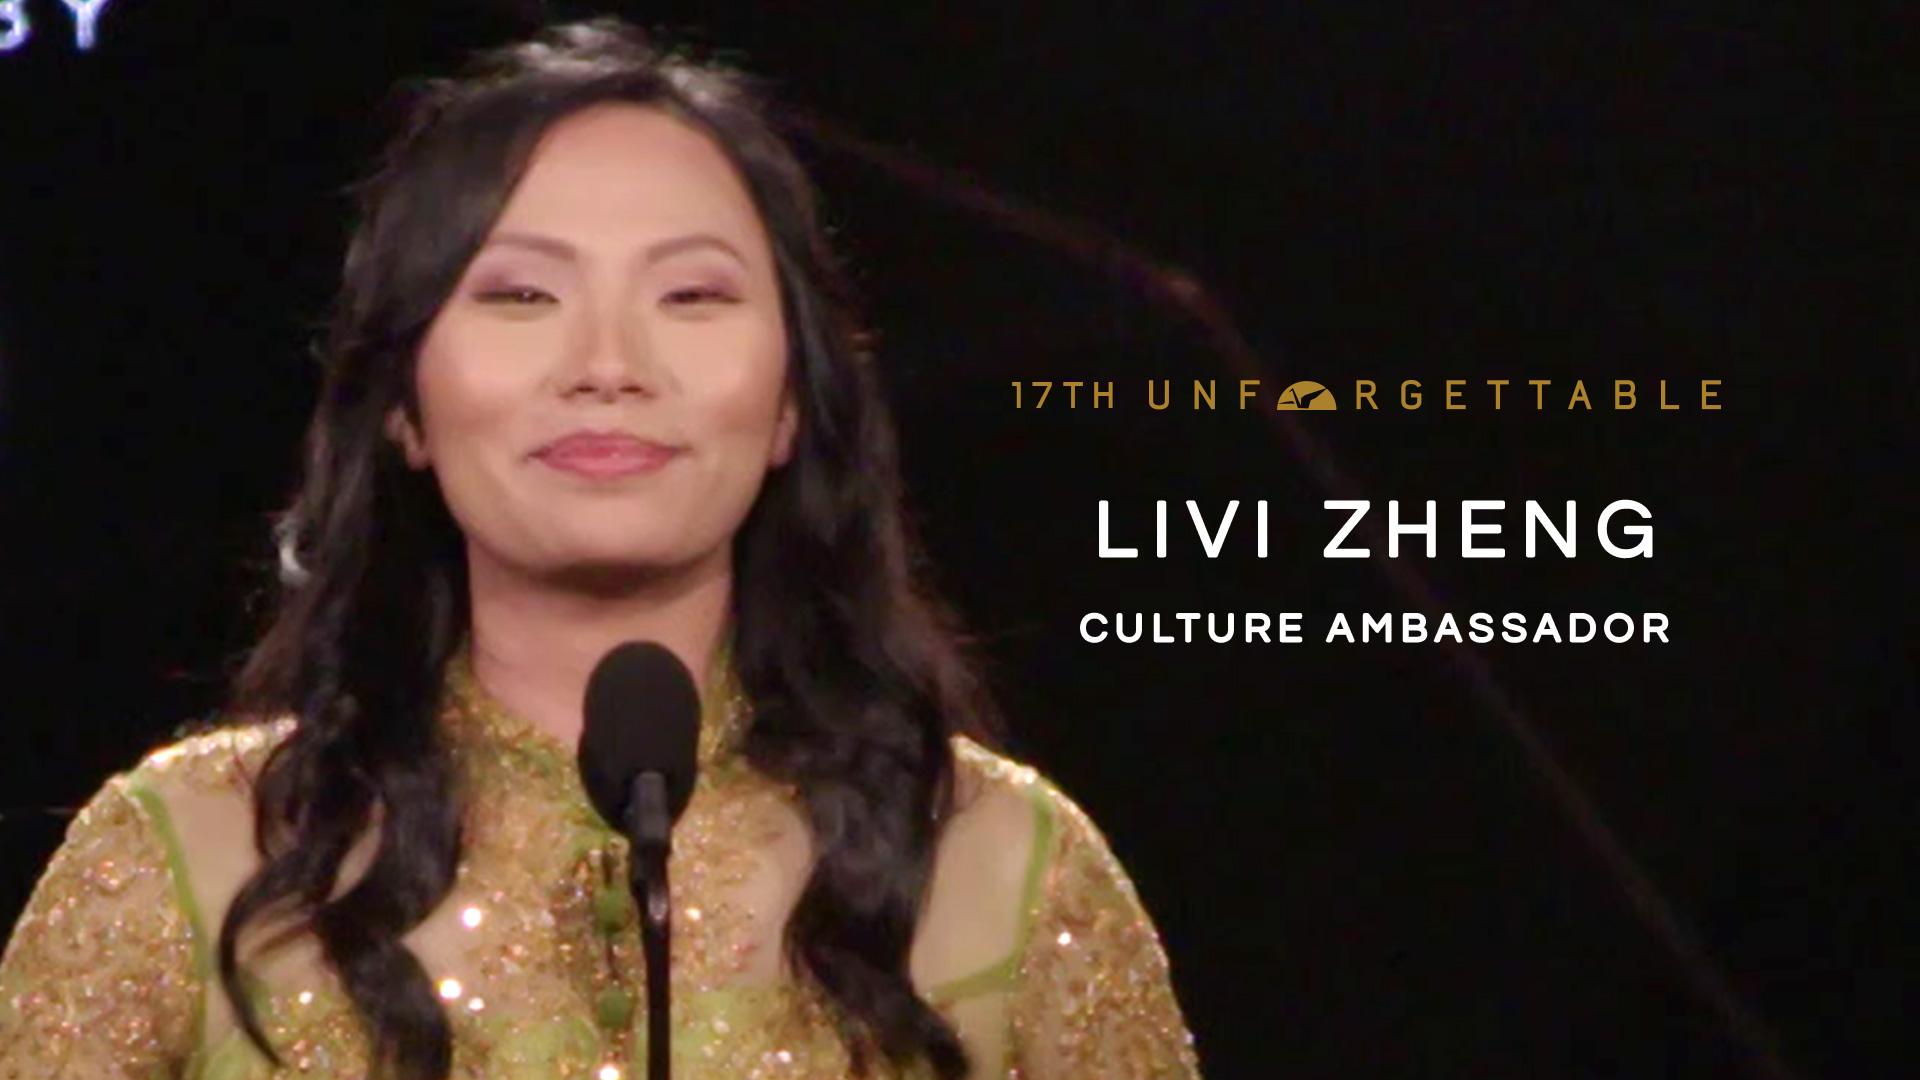 Livi Zheng